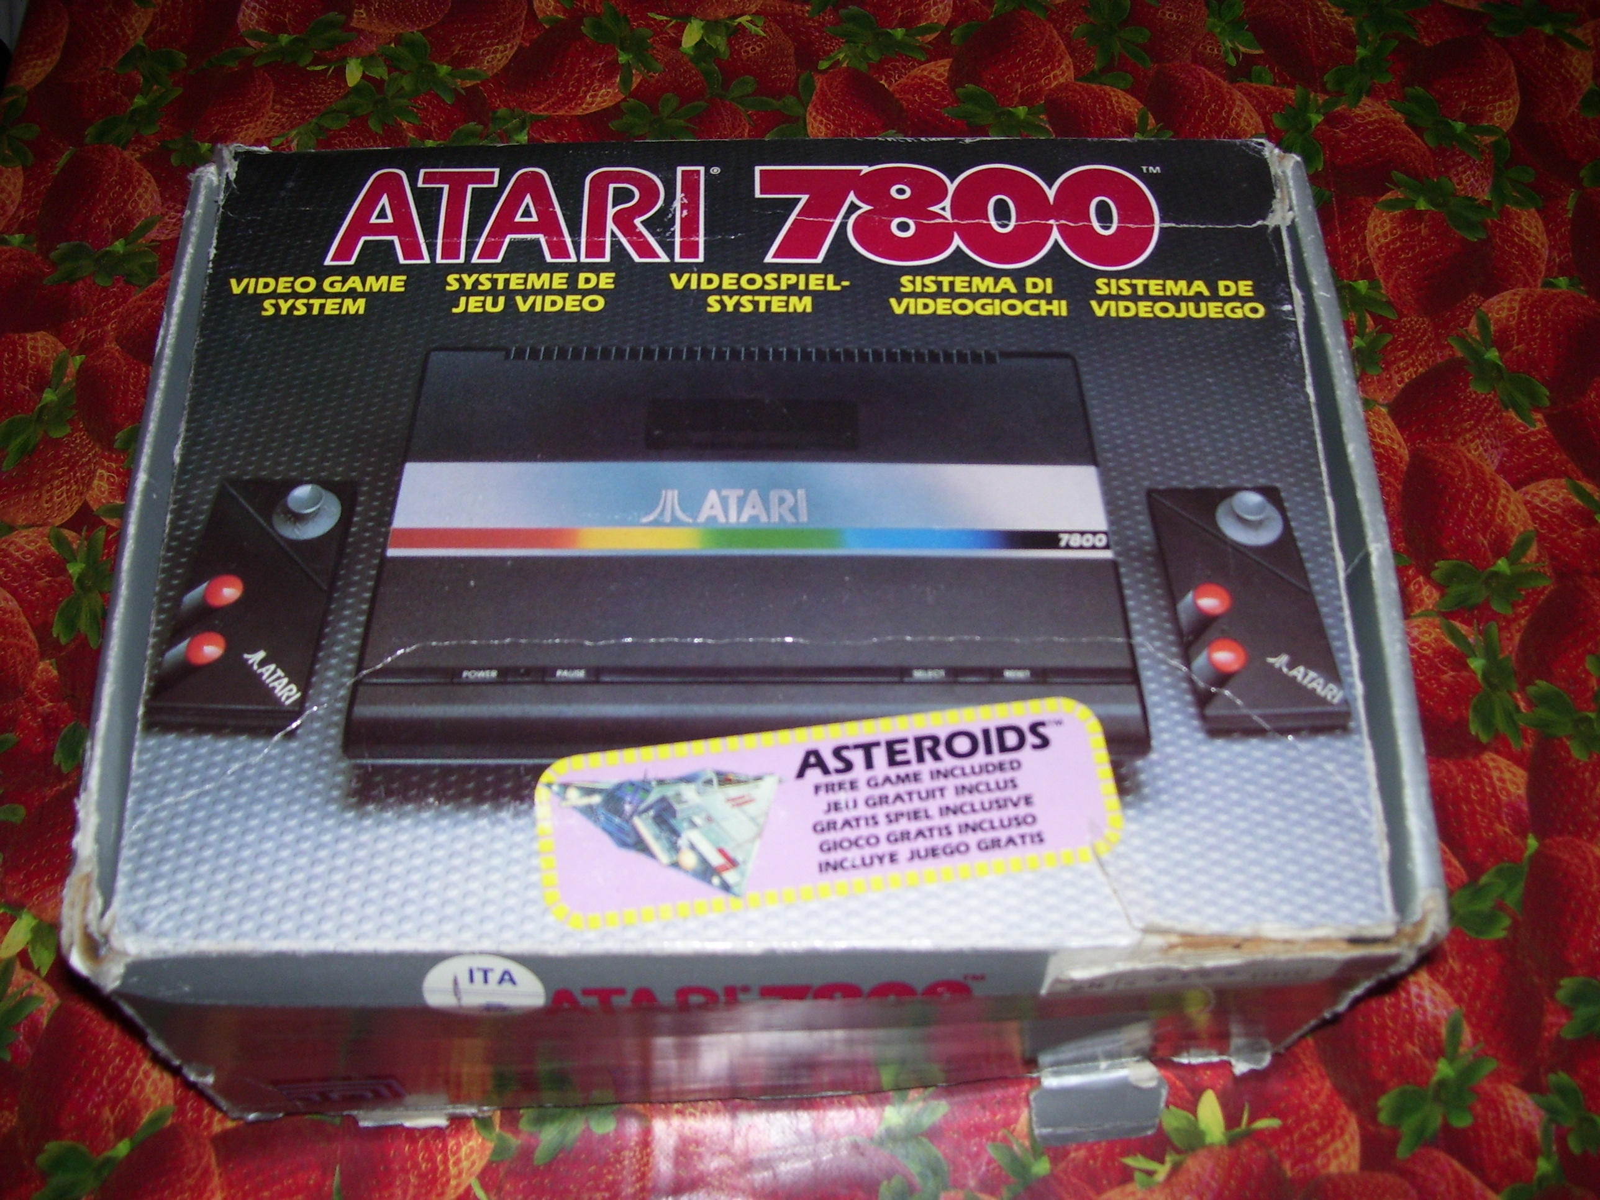 NUOVI ARRIVI: ATARI 7800